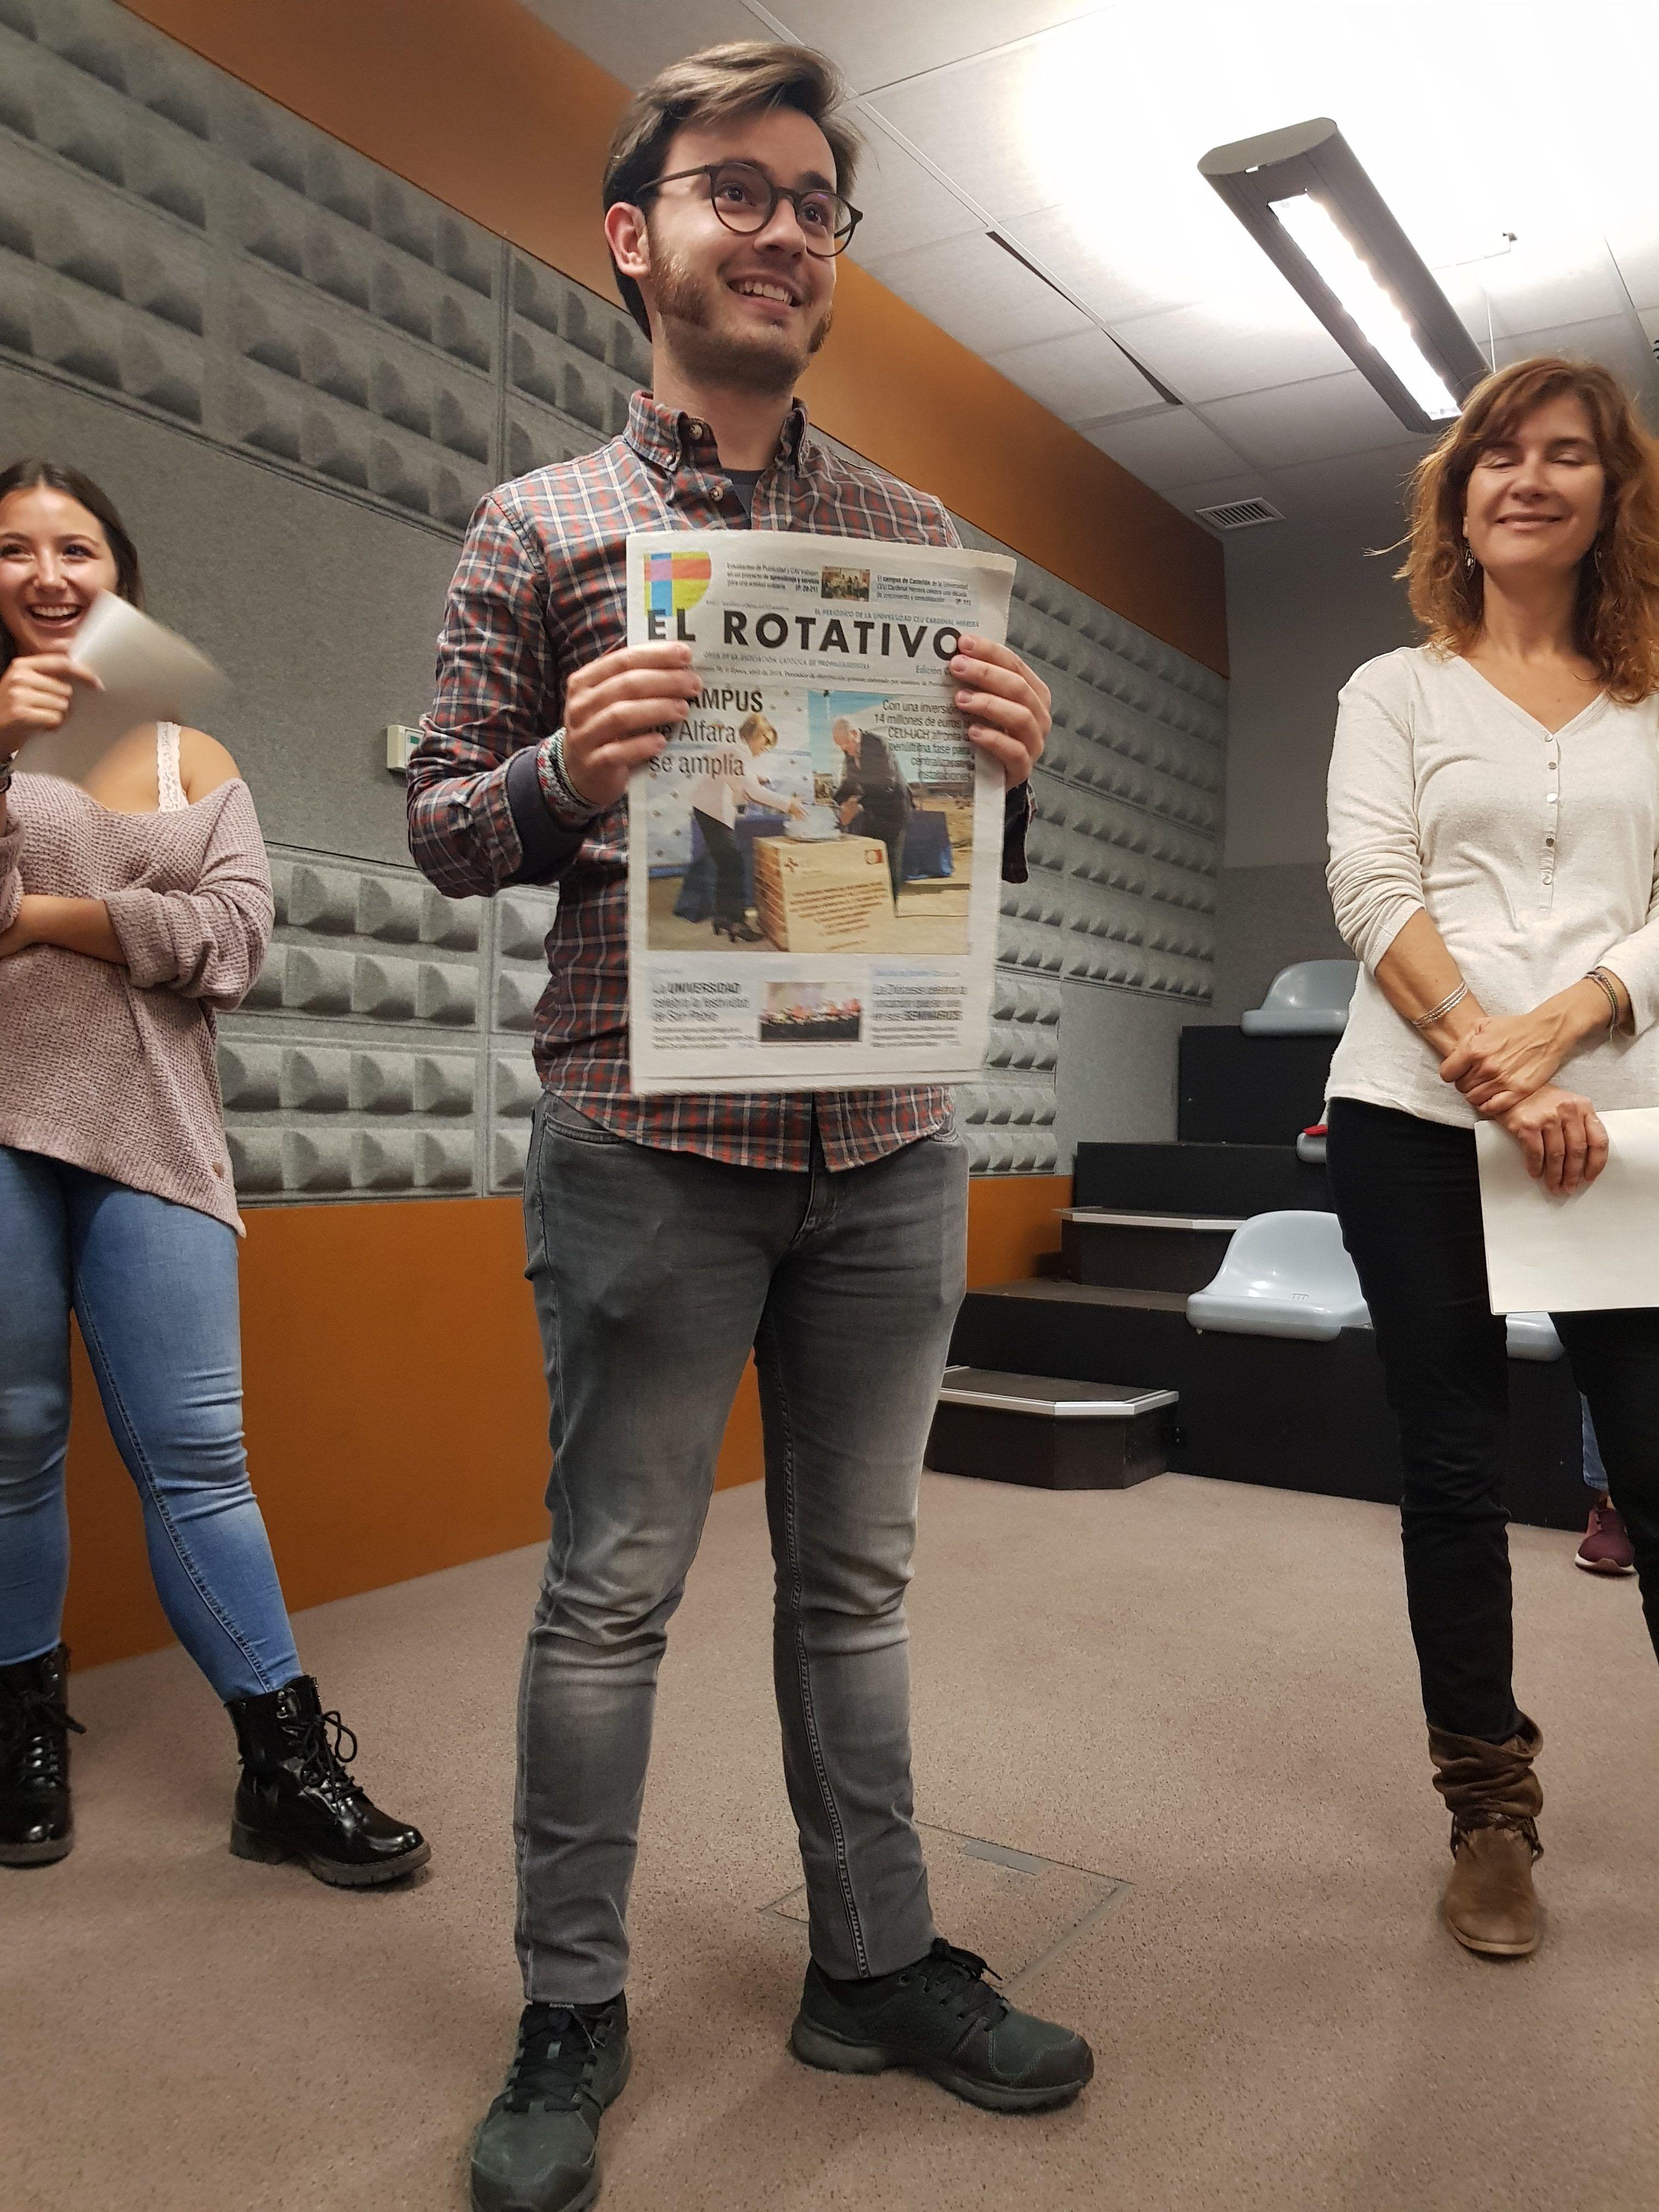 Jaime Roch e Ivana Villar han explicado cómo participar en El Rotativo.